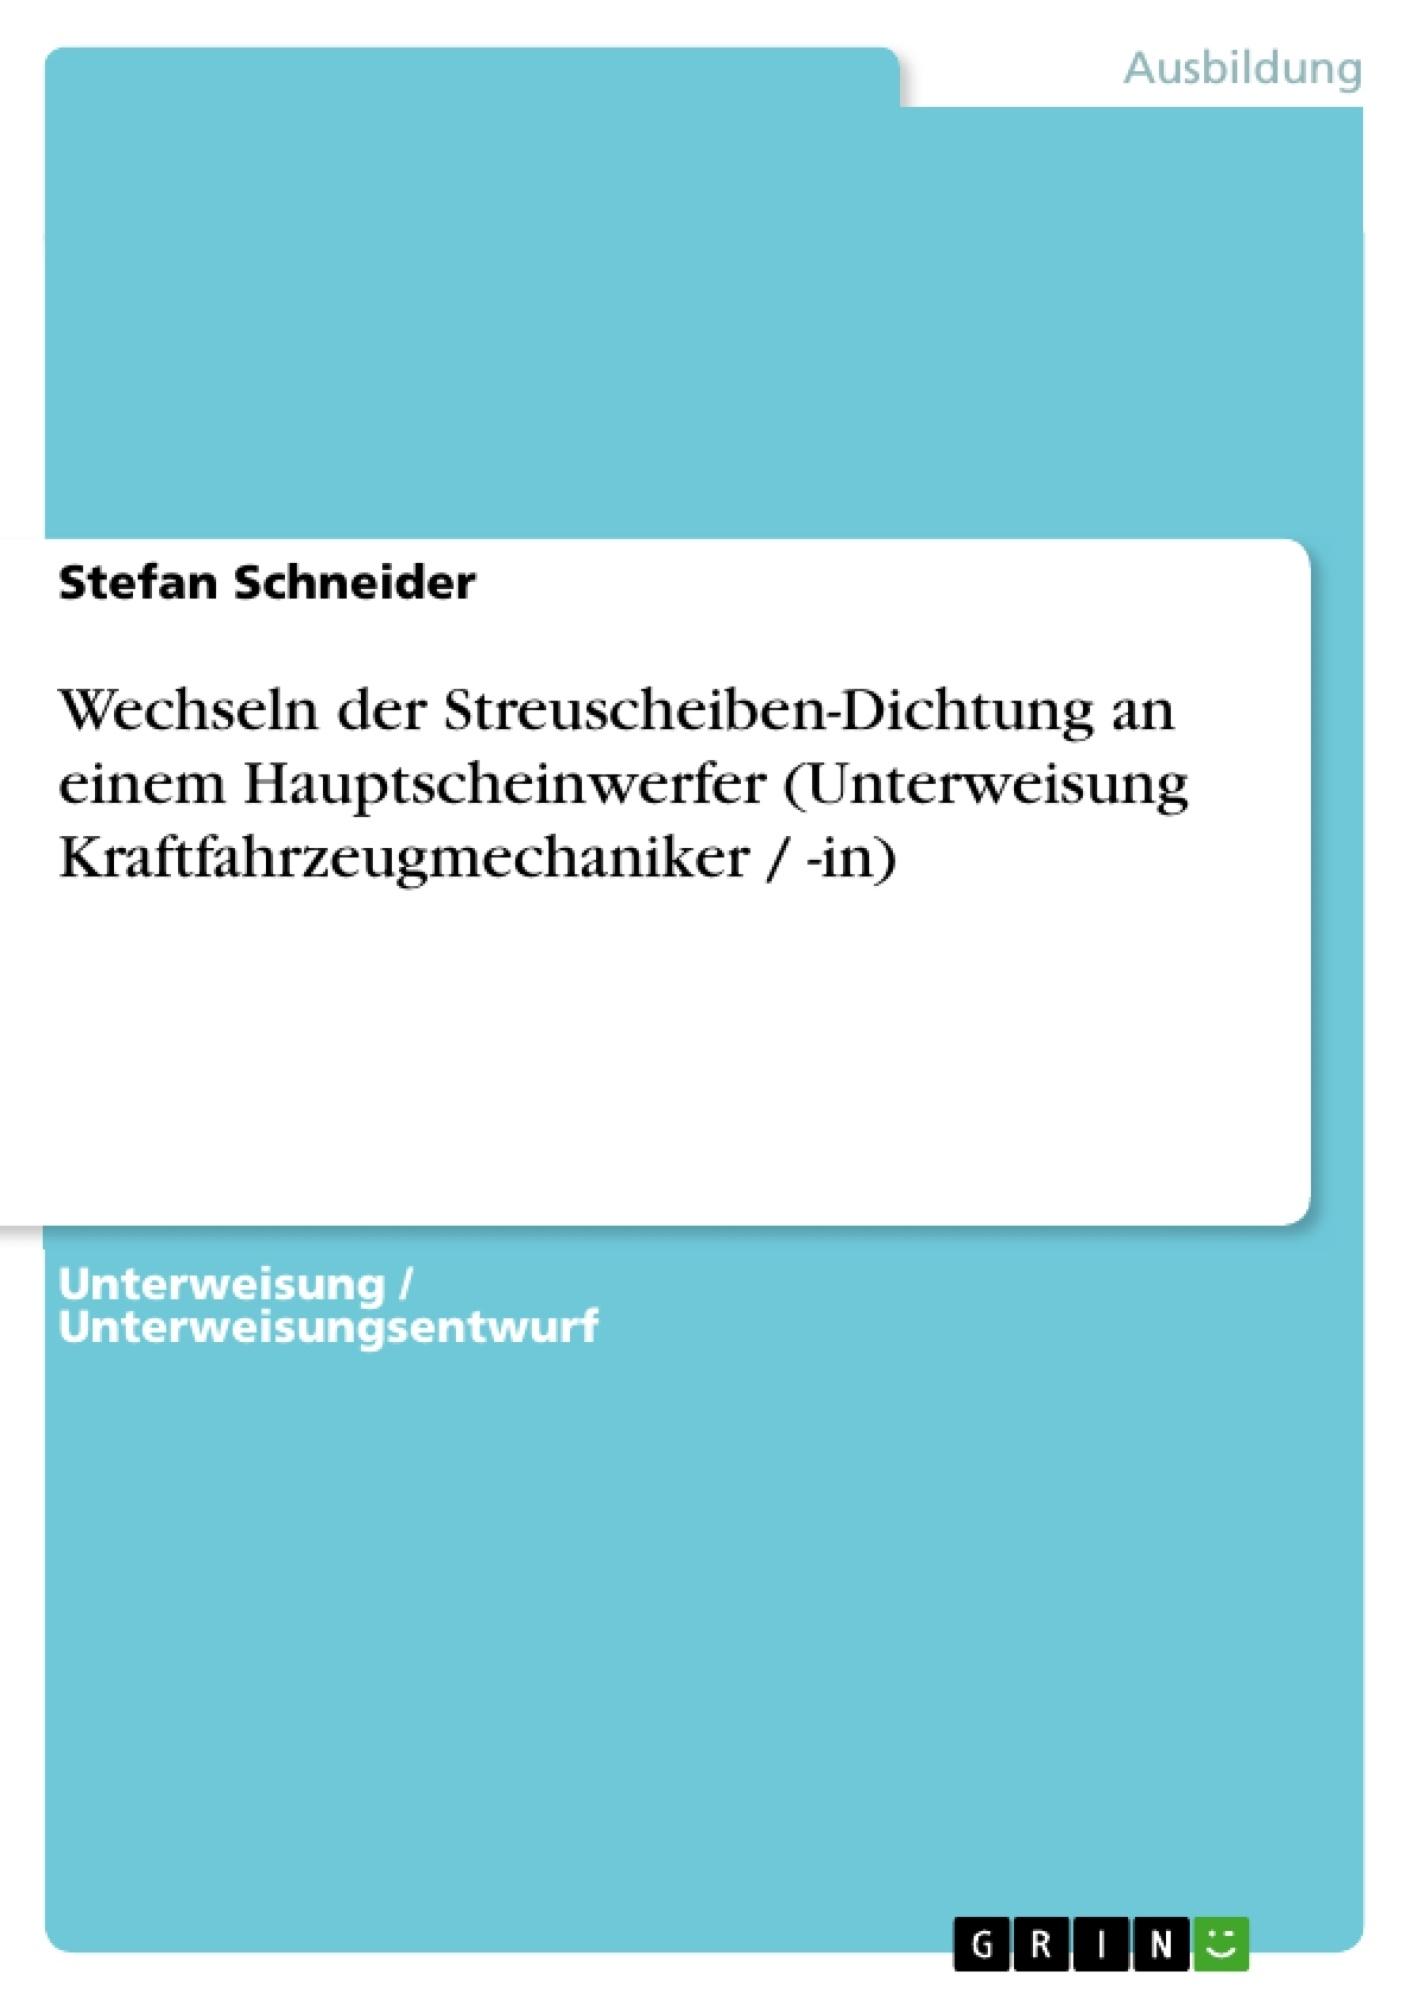 Titel: Wechseln der Streuscheiben-Dichtung an einem Hauptscheinwerfer (Unterweisung Kraftfahrzeugmechaniker / -in)